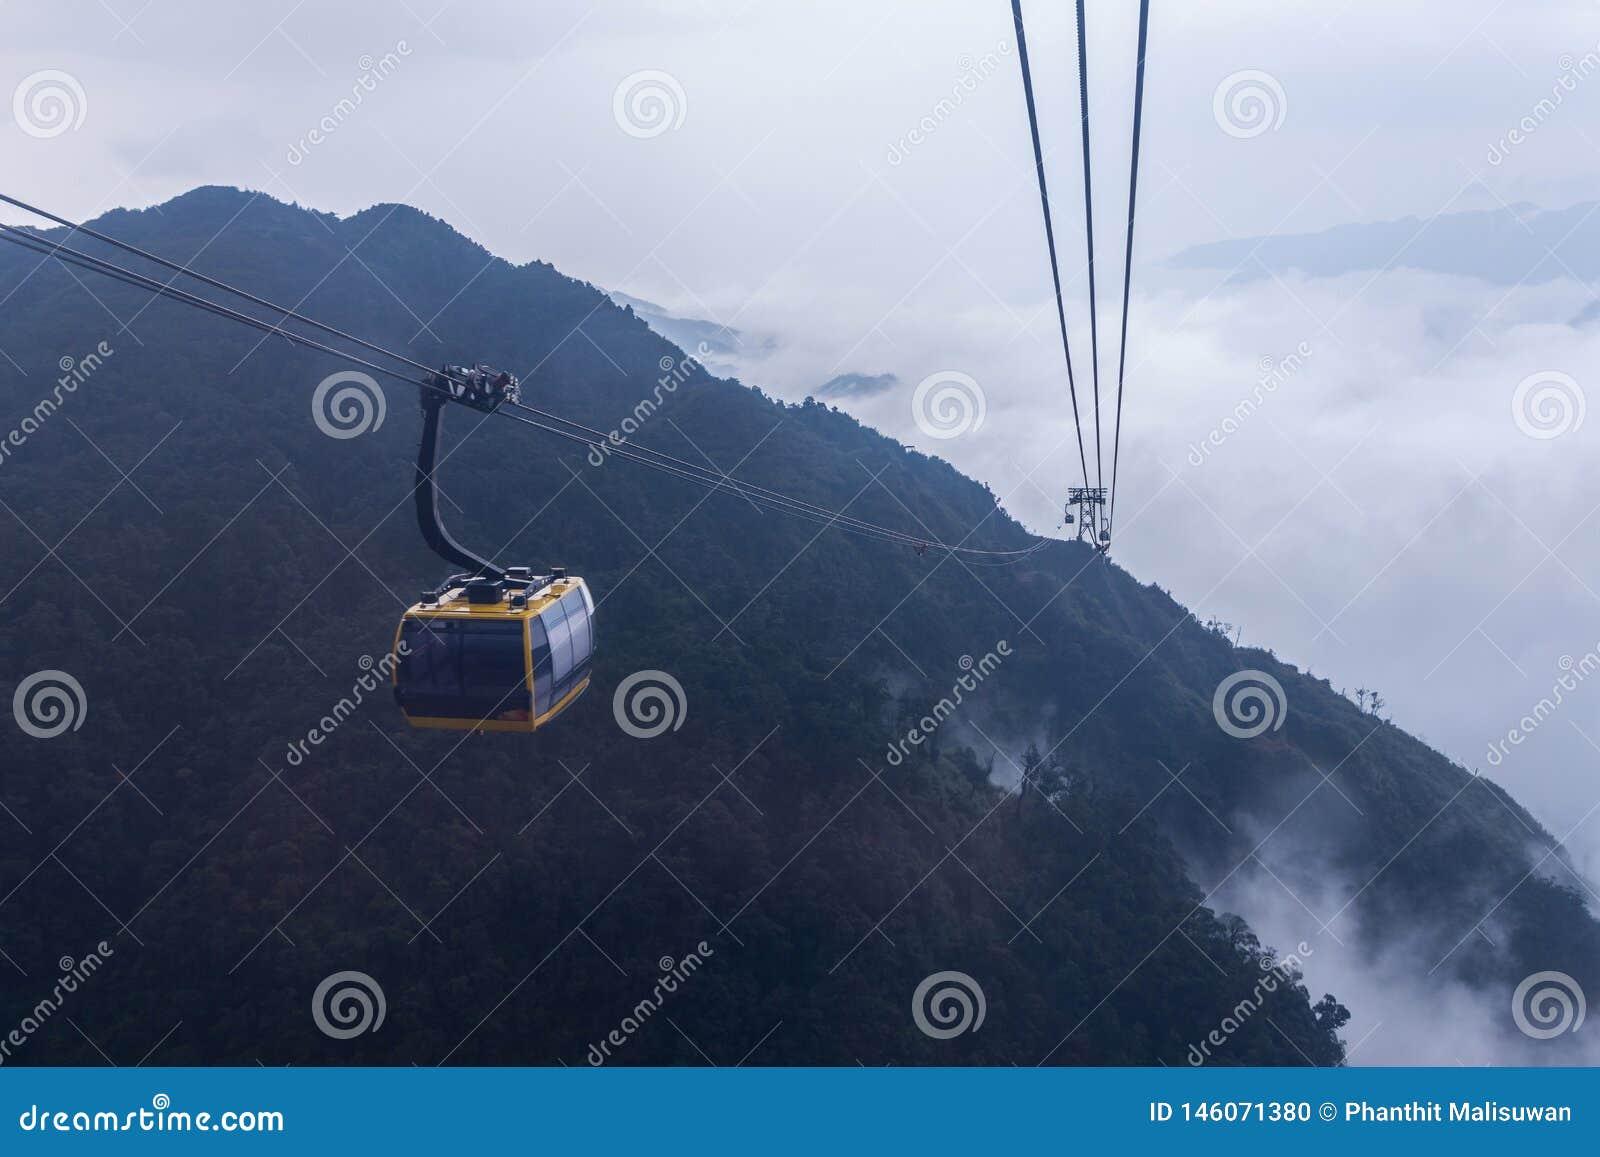 De elektrische kabelwagen gaat naar Fansipan-bergpiek de hoogste berg in Indochina, bij 3.143 meter in Sapa, Vietnam